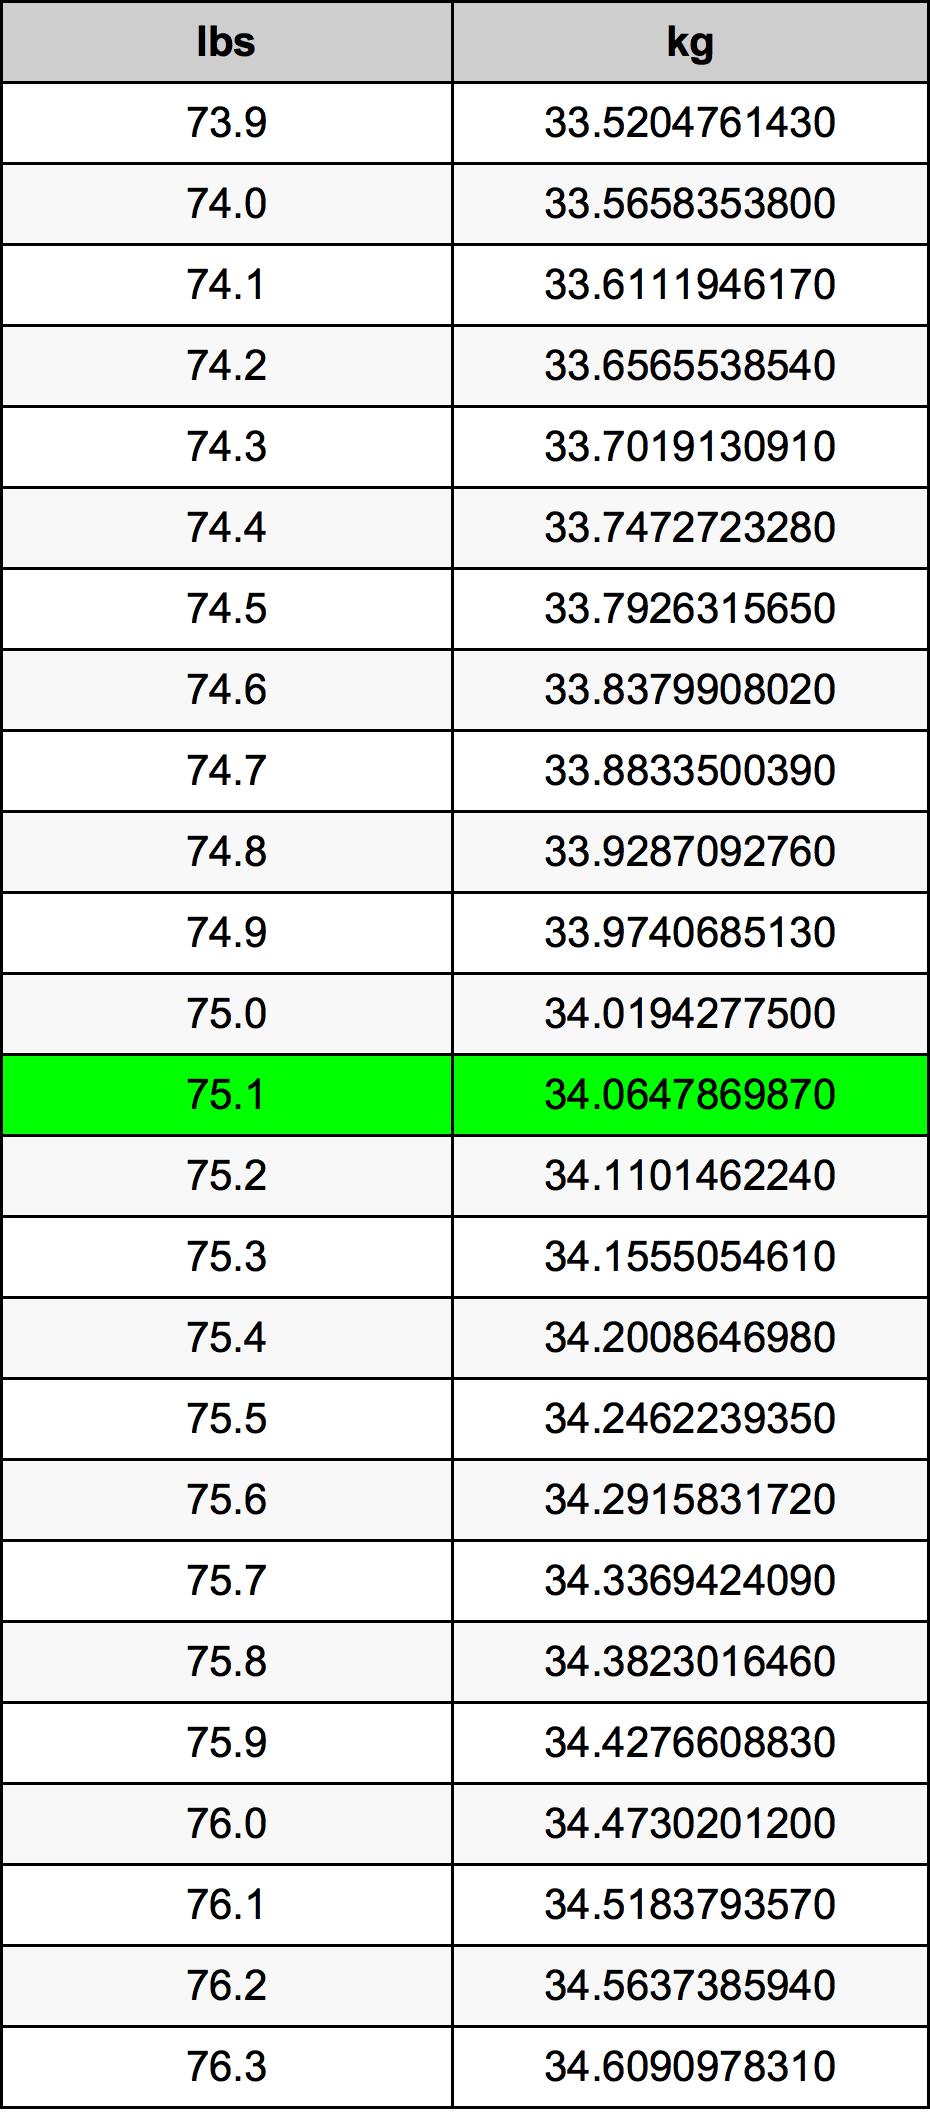 75.1 رطل جدول تحويل